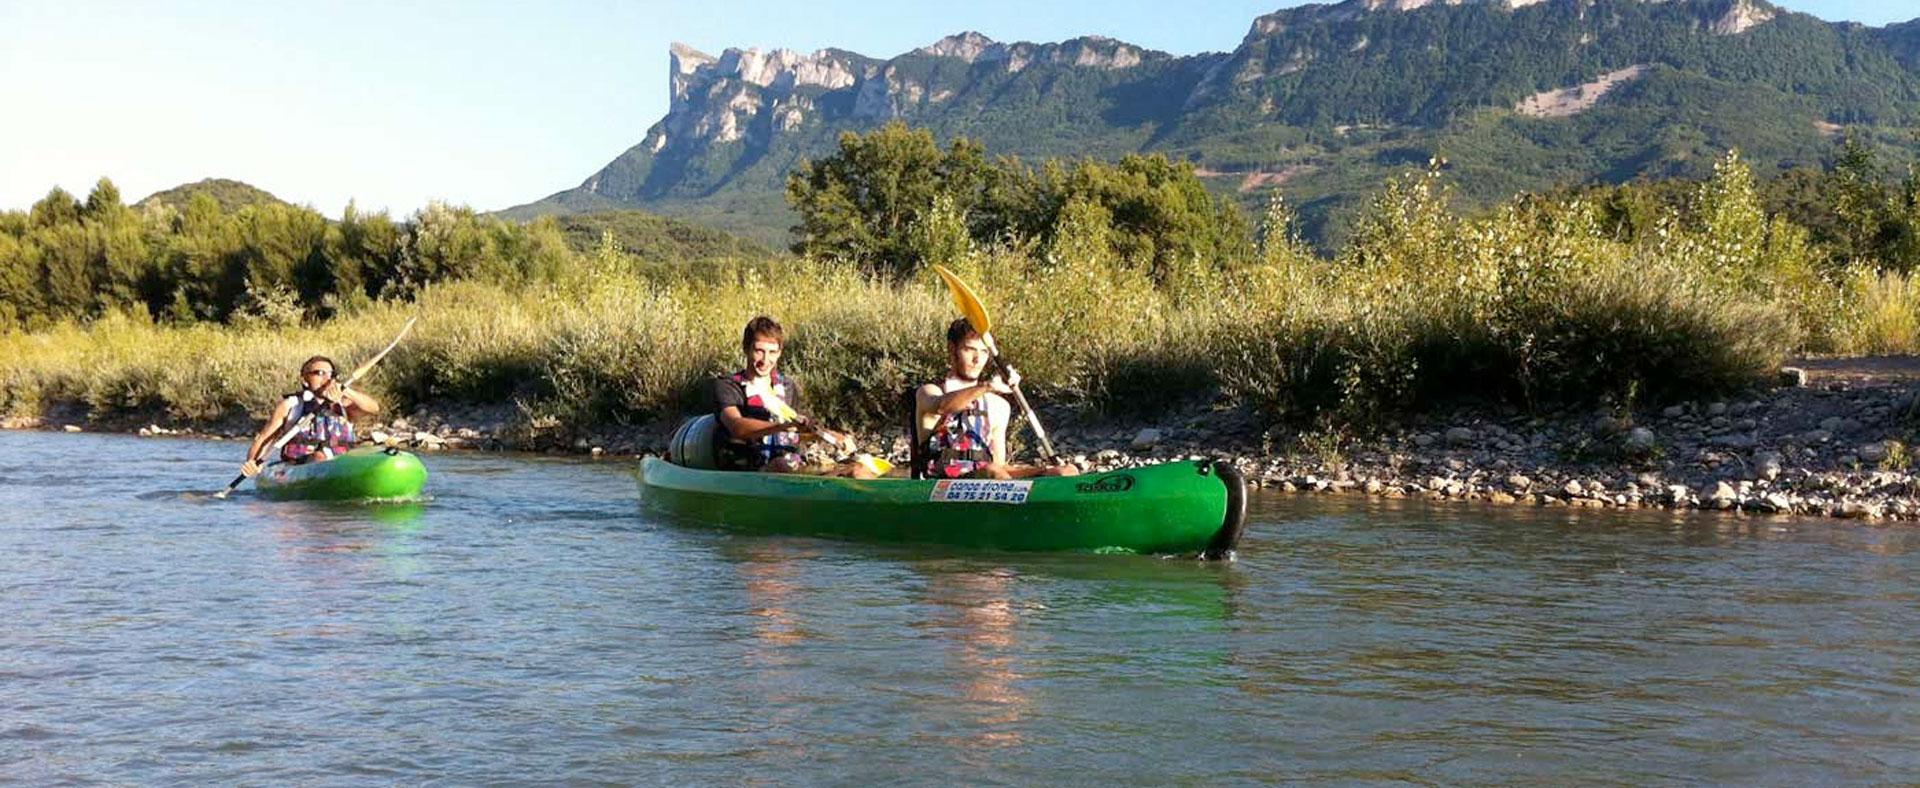 Loueurs de canoës et kayaks en France